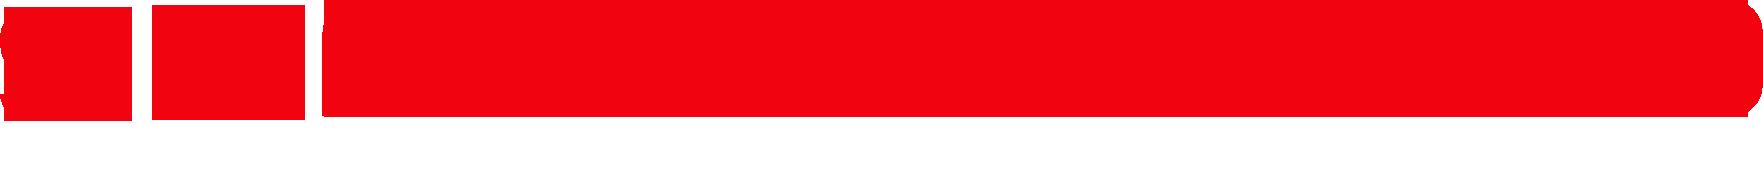 somthailand%e0%b8%82%e0%b8%b2%e0%b8%a7